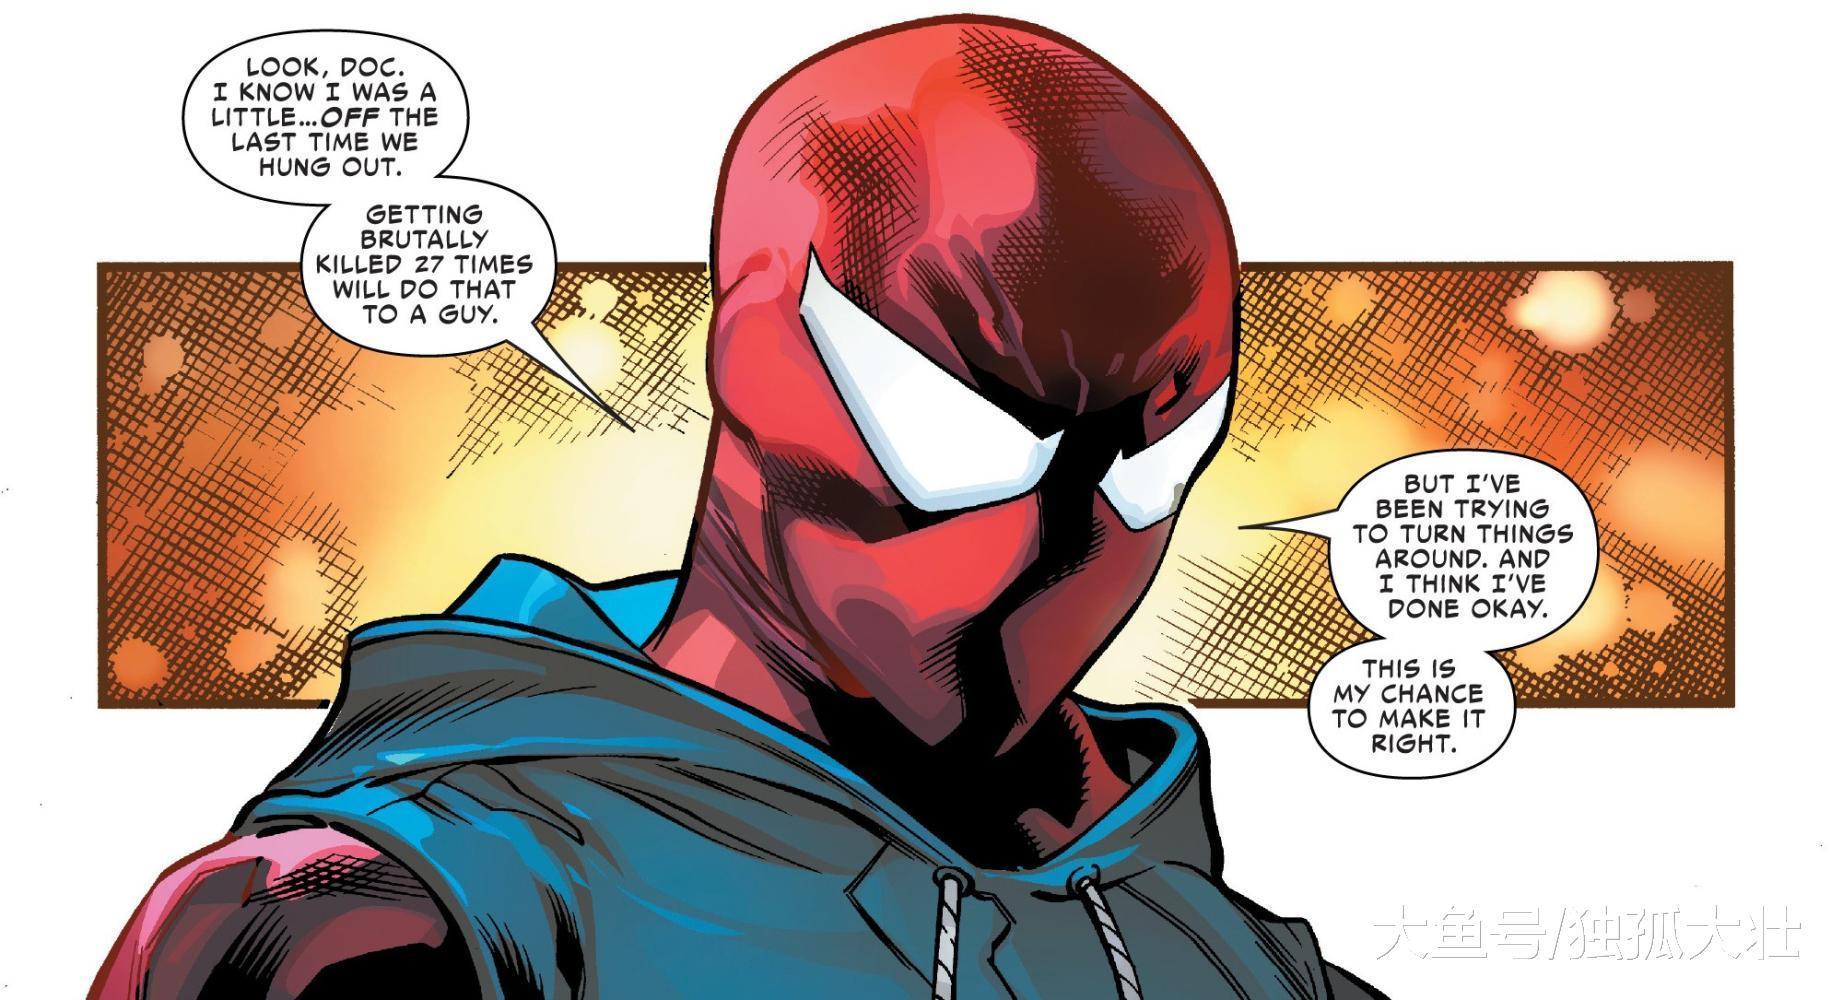 《蜘蛛末日》继承者之父彻底复活, 小黑蛛唤醒宇宙队长之力!